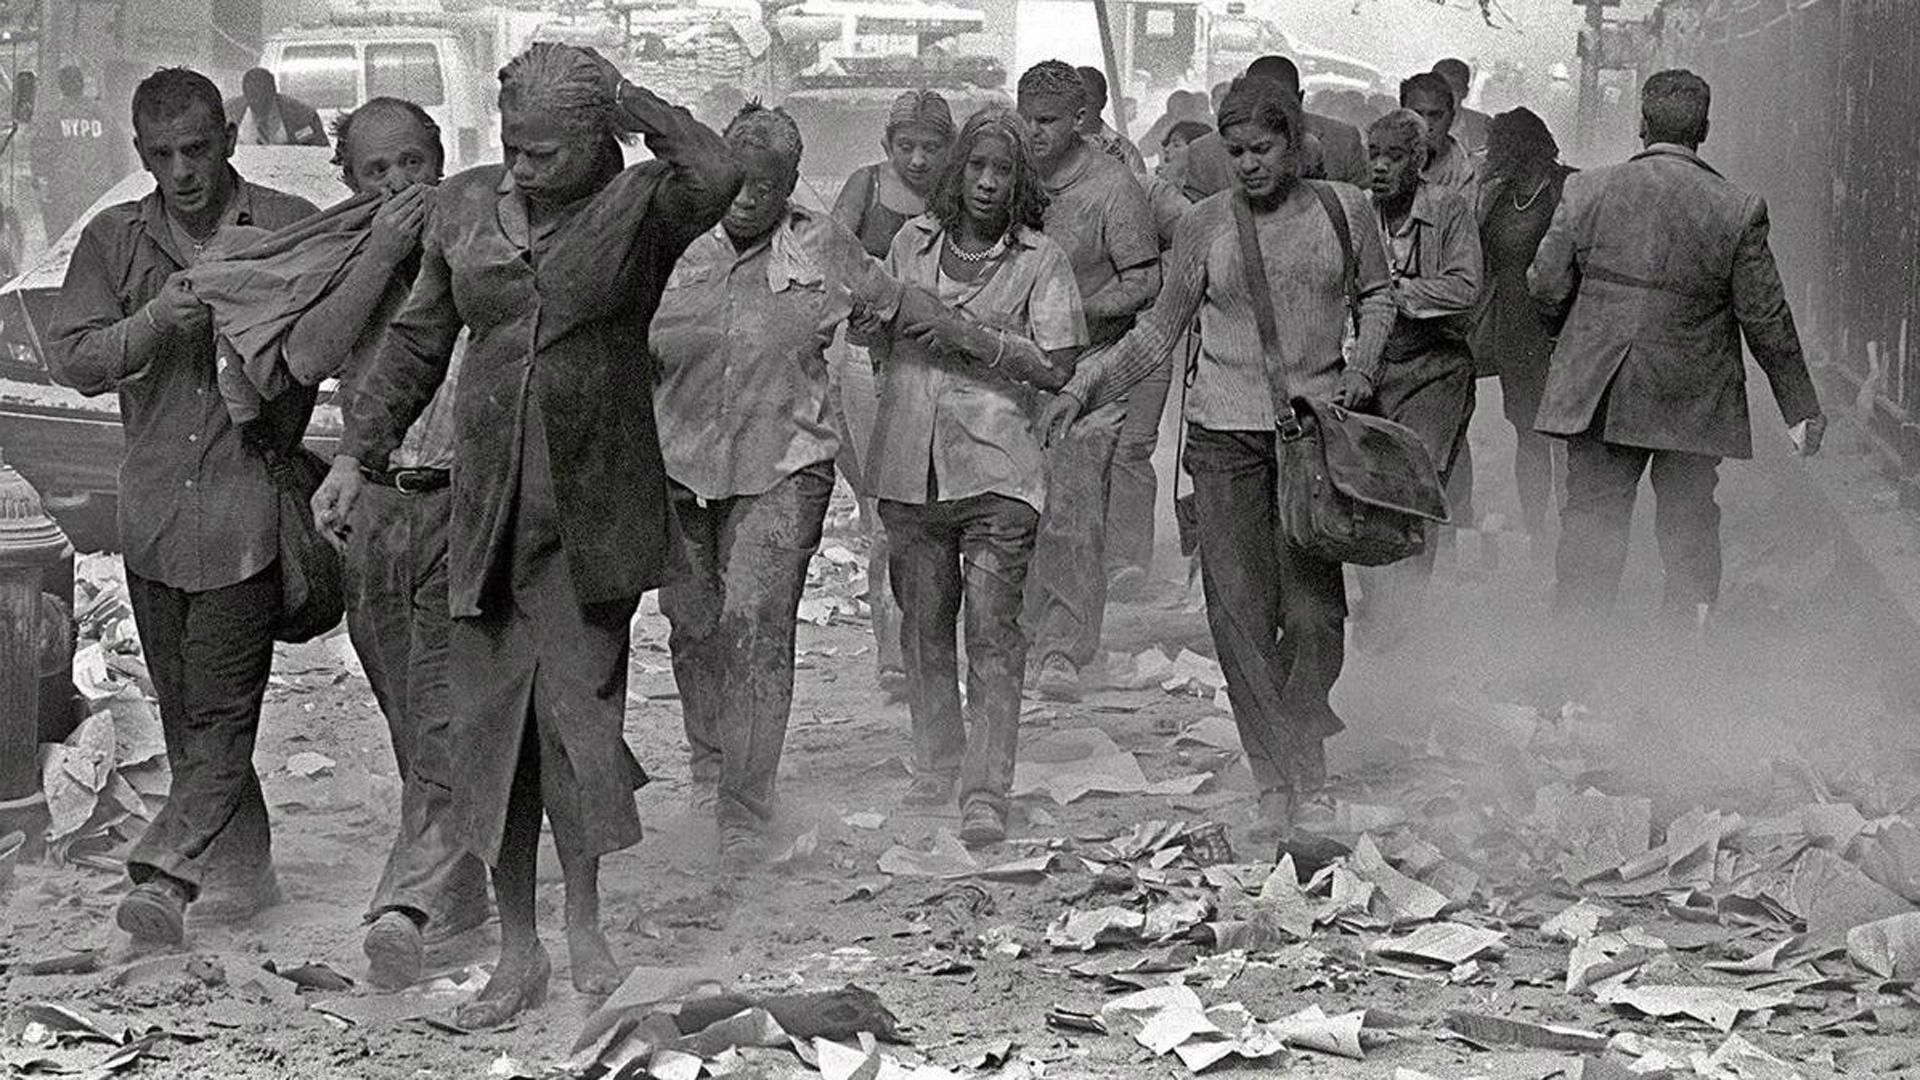 Resultado de imagen para 11 de septiembre personas